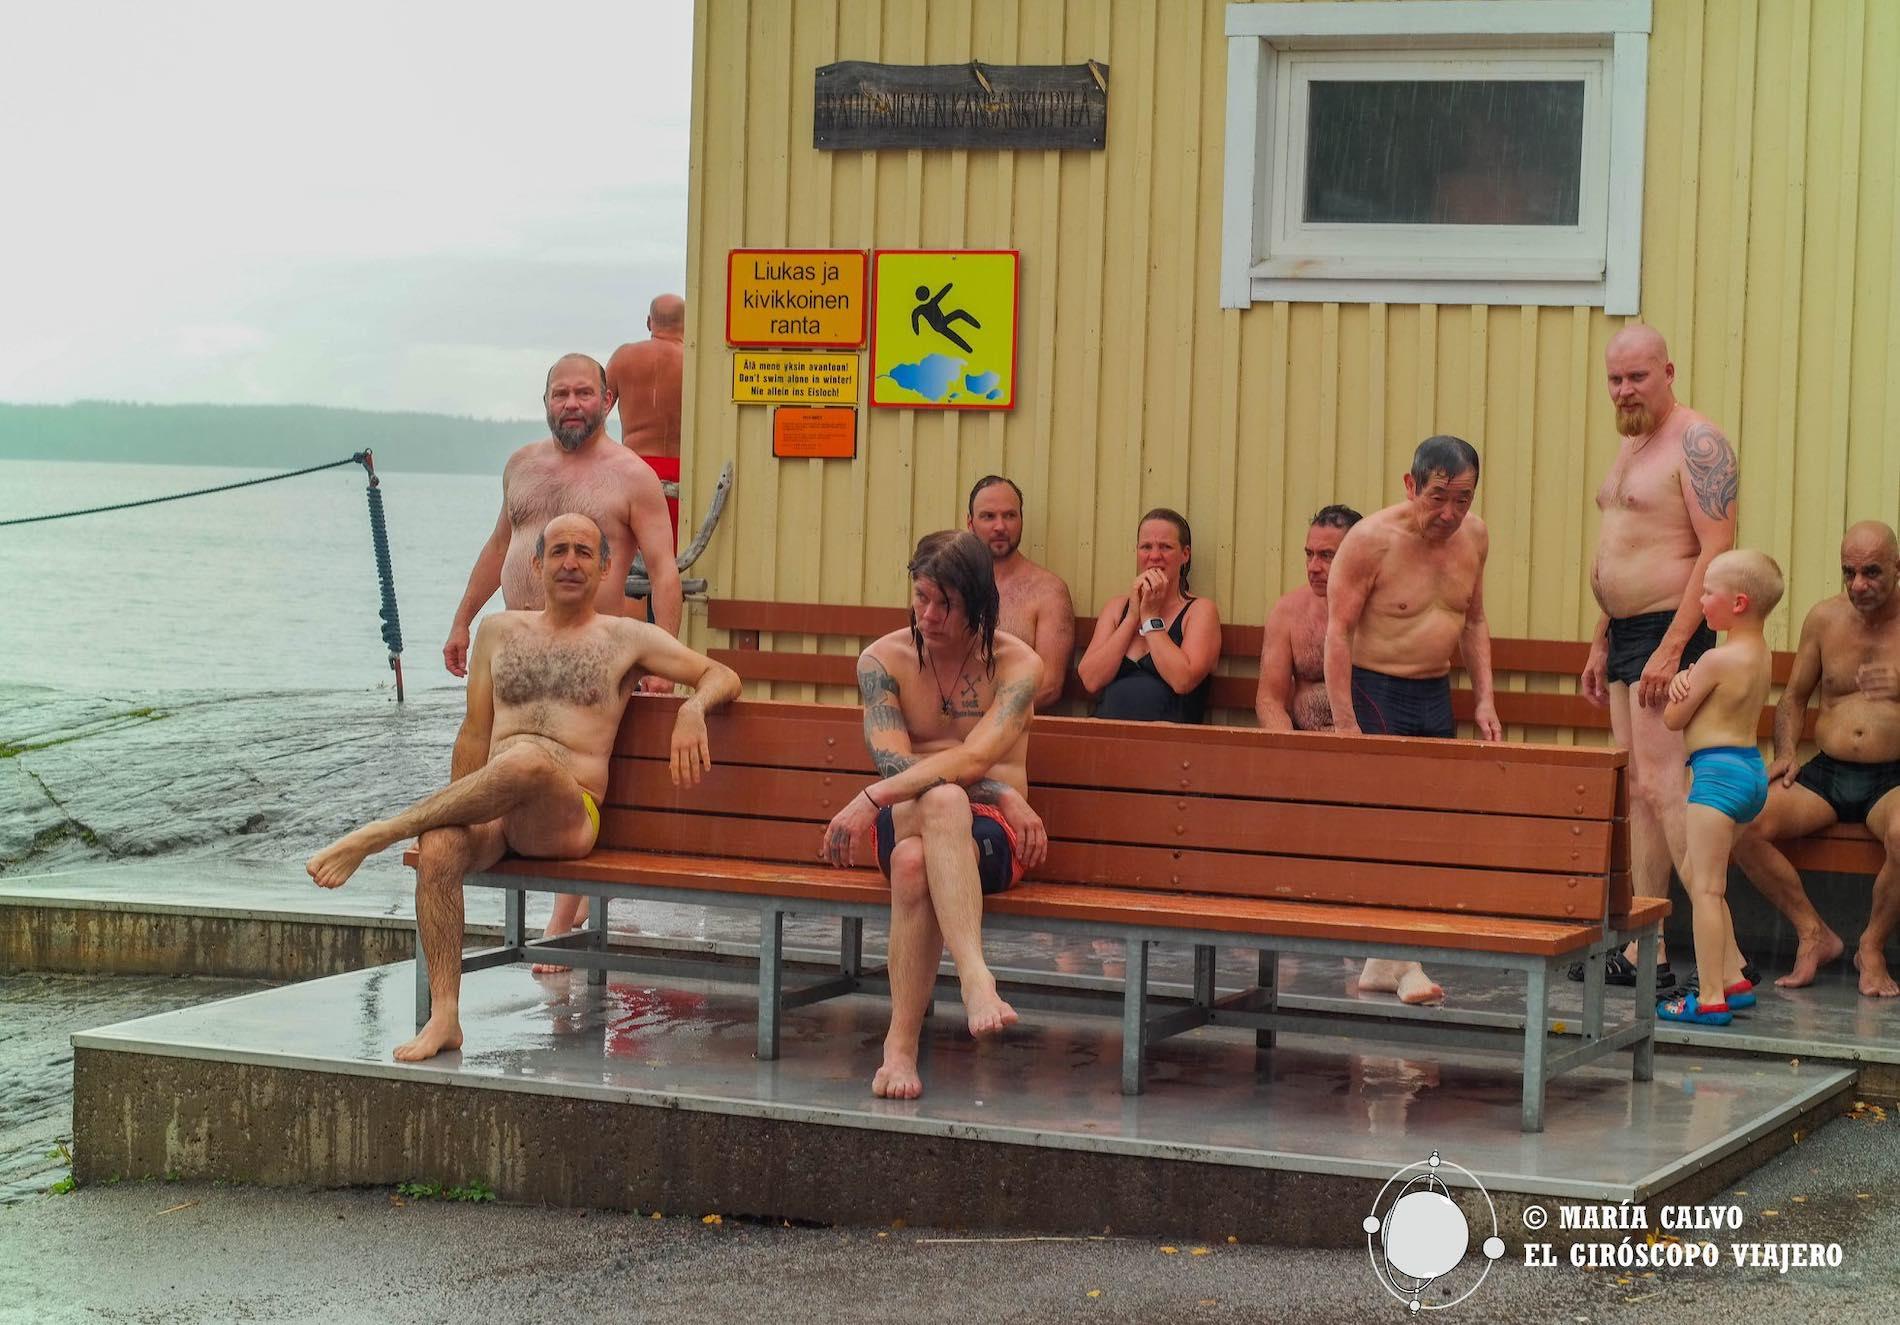 PD: La foto de la portada viene de la sauna publica de Rauhaniemi en Tampere, una de las que más nos gusta.